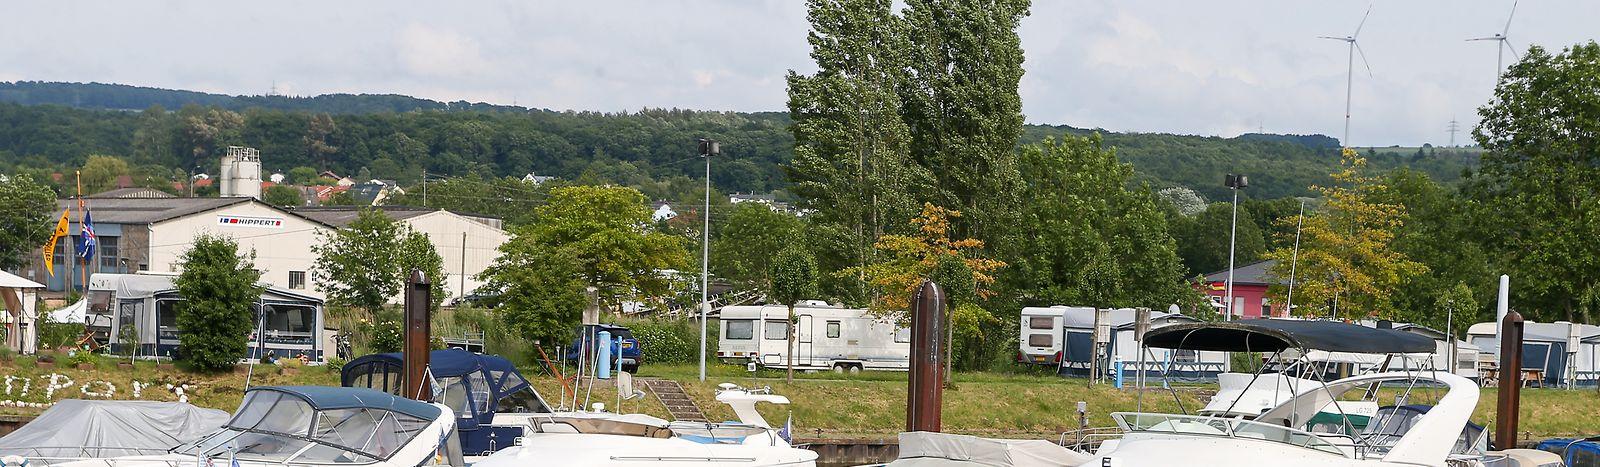 Der Campingplatz in Schwebsingen wird auch von der Maßnahme profitieren.